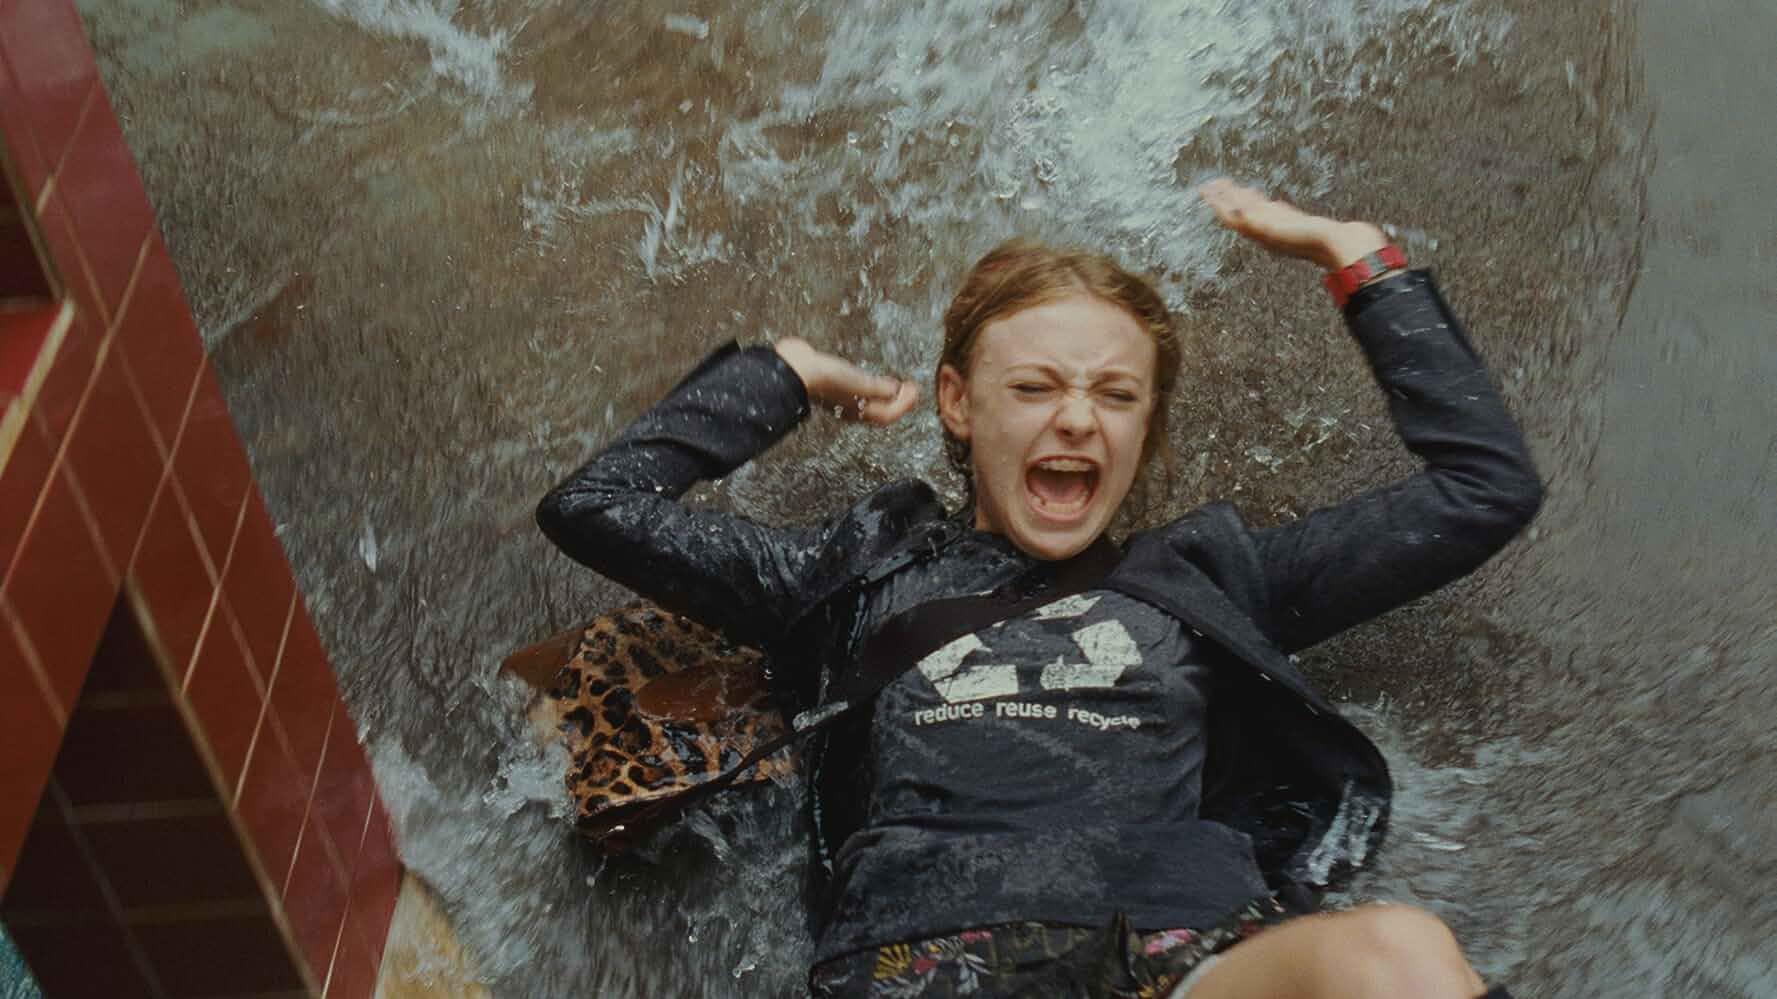 Dakota Fanning in Push (2009)